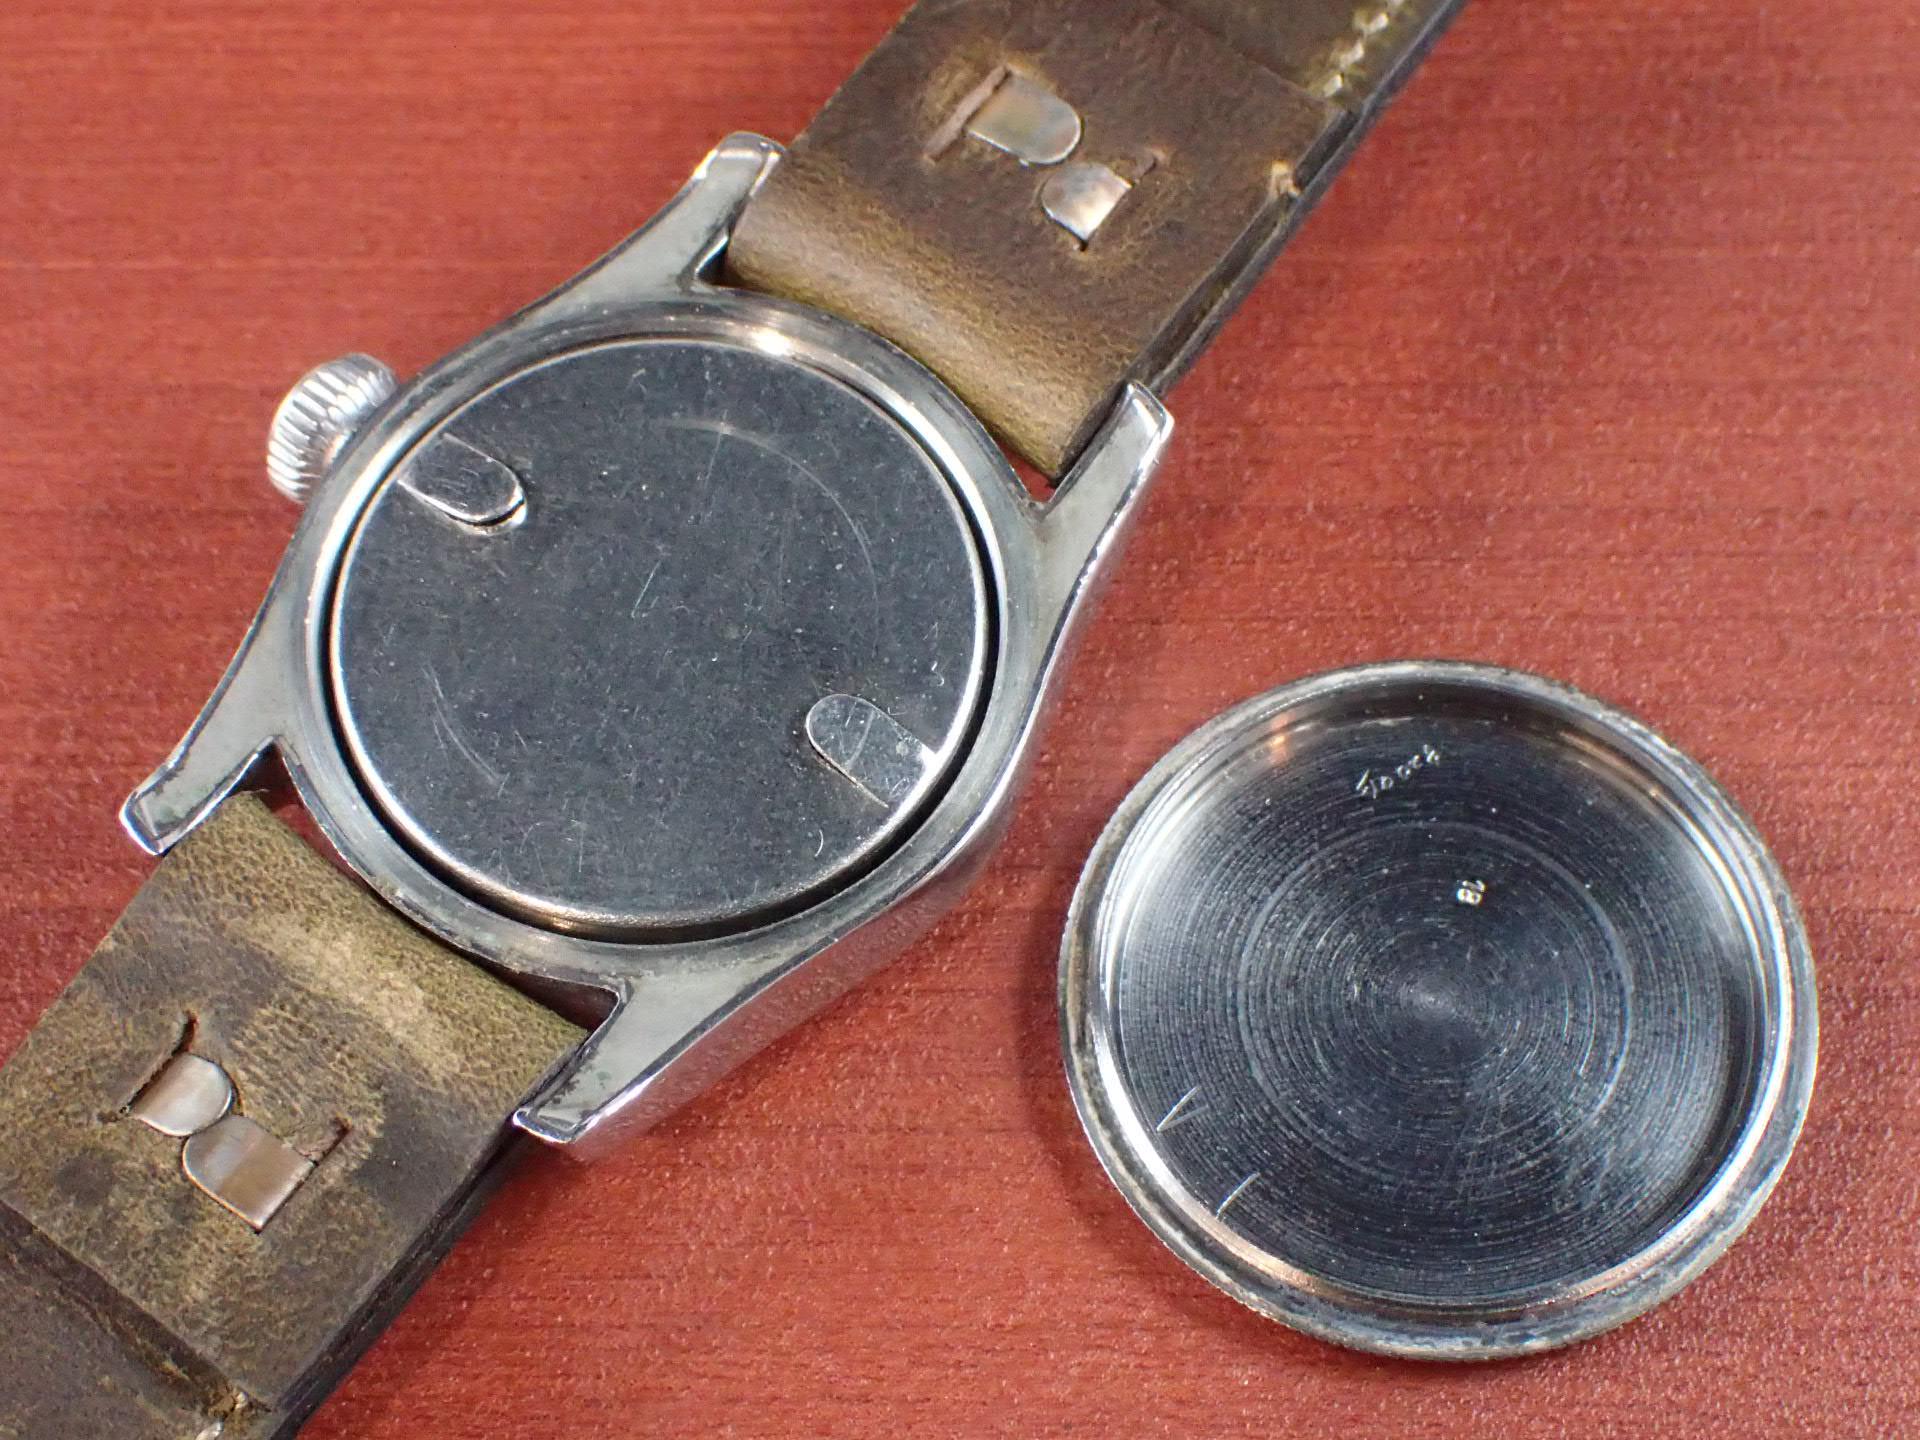 ラコ ブラックミラーダイアル ボーイズサイズ 防水ケース 1940年代の写真6枚目